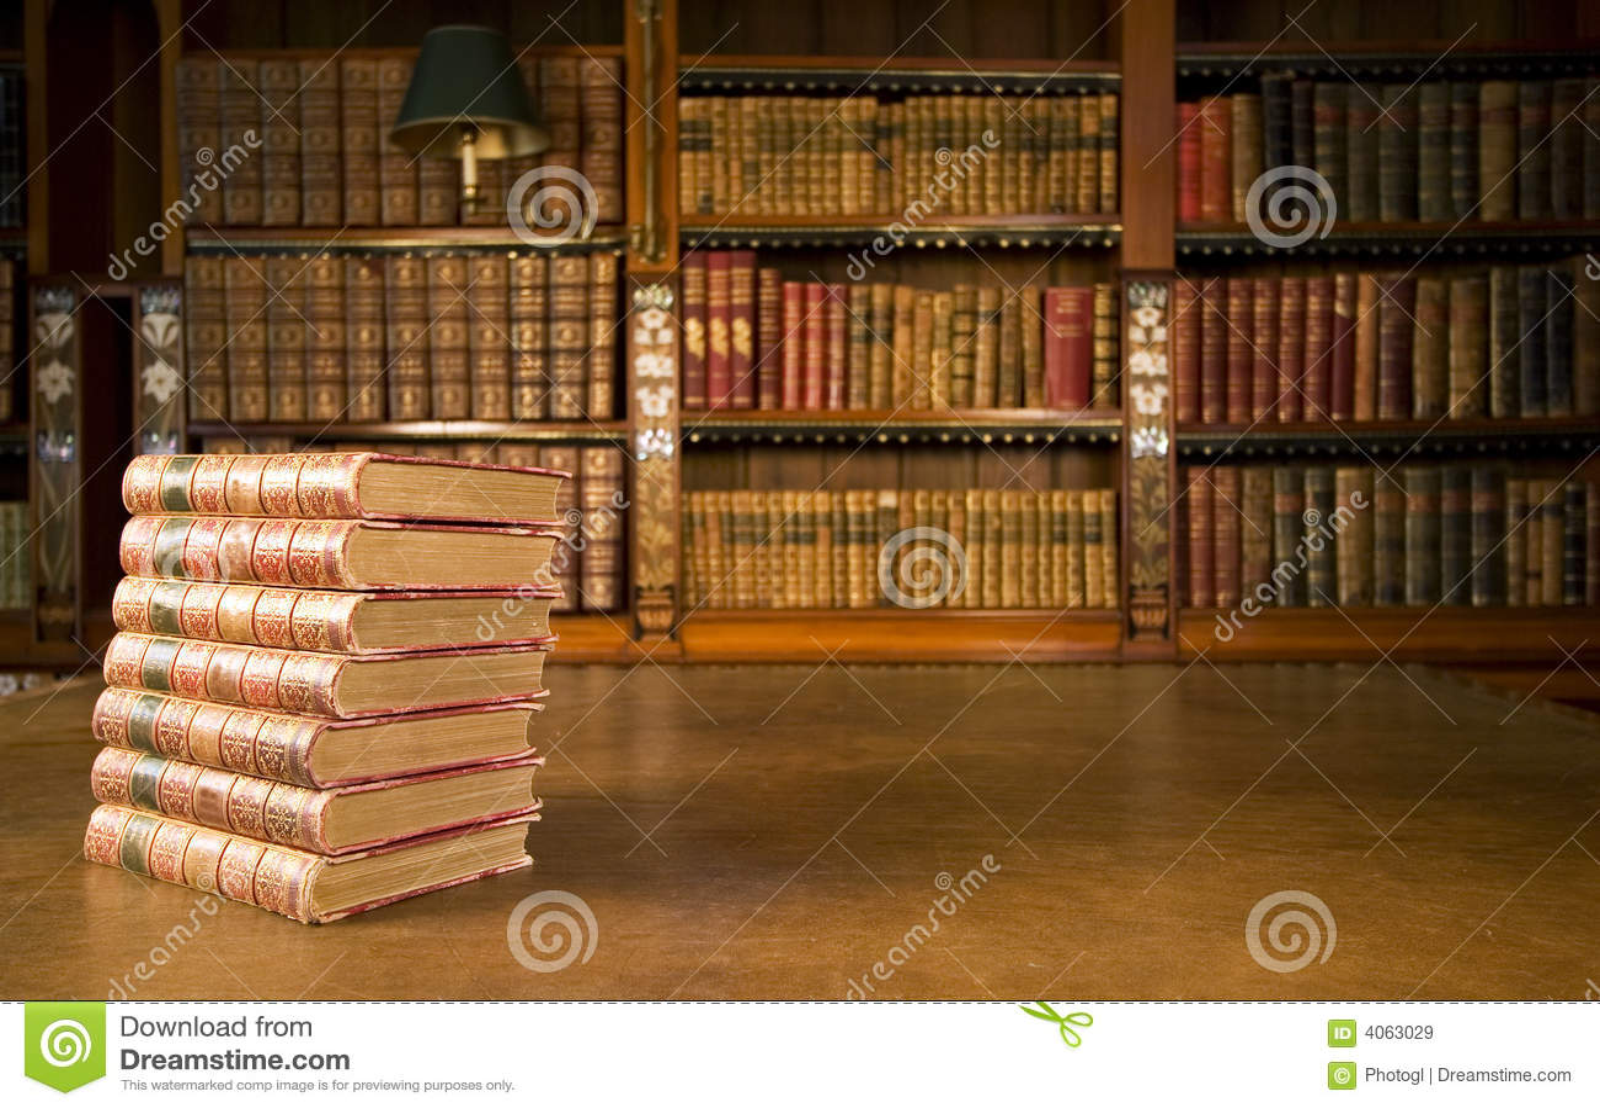 Livros velhos na biblioteca clássica